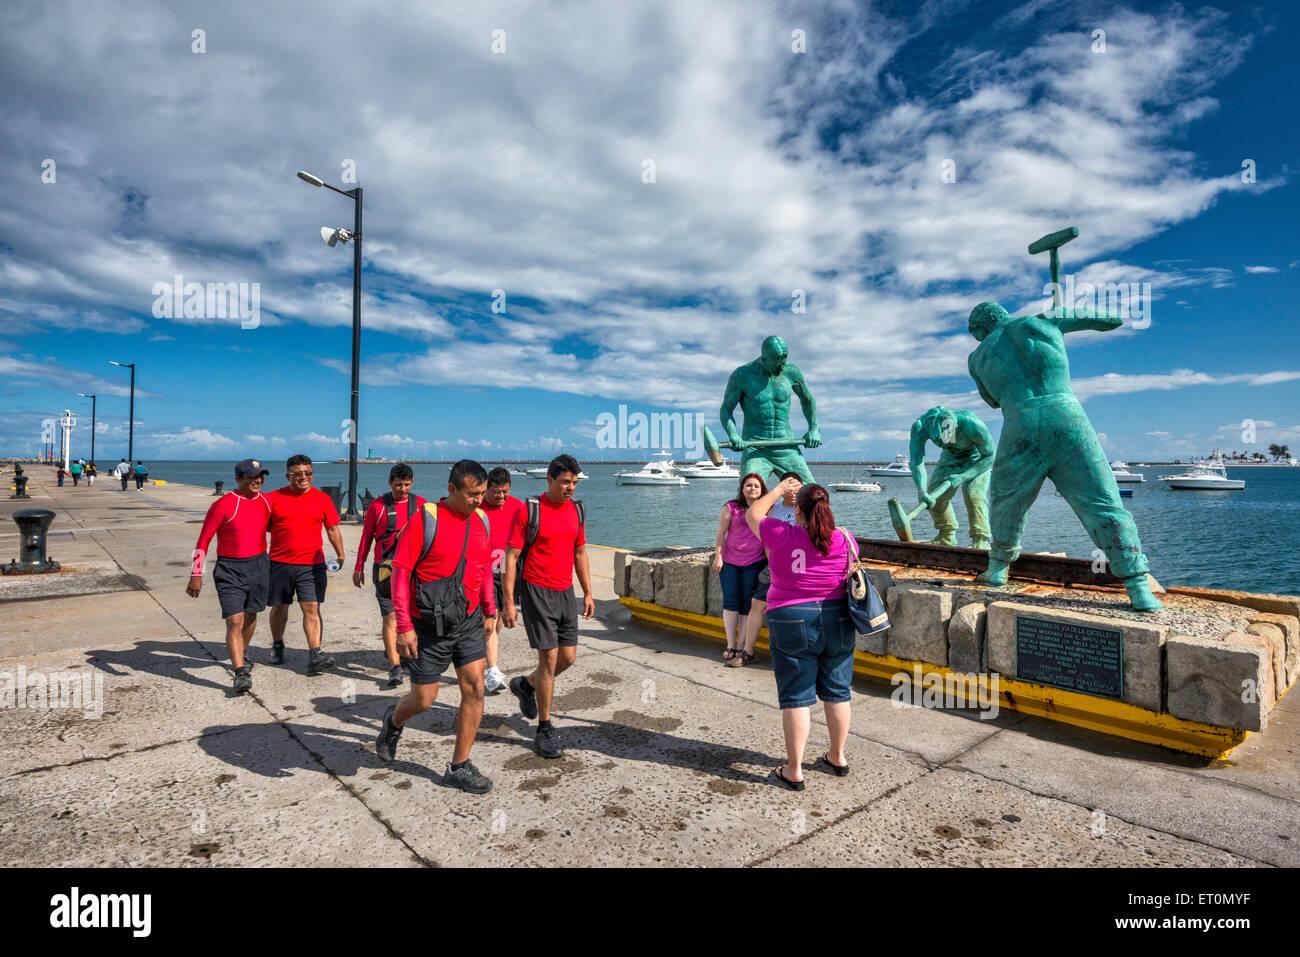 Sembradores de Via de la Escollera (Sowers of the Jetty Track), sculpture by Humberto Peraza, 2002, in port of Veracruz, - Stock Image